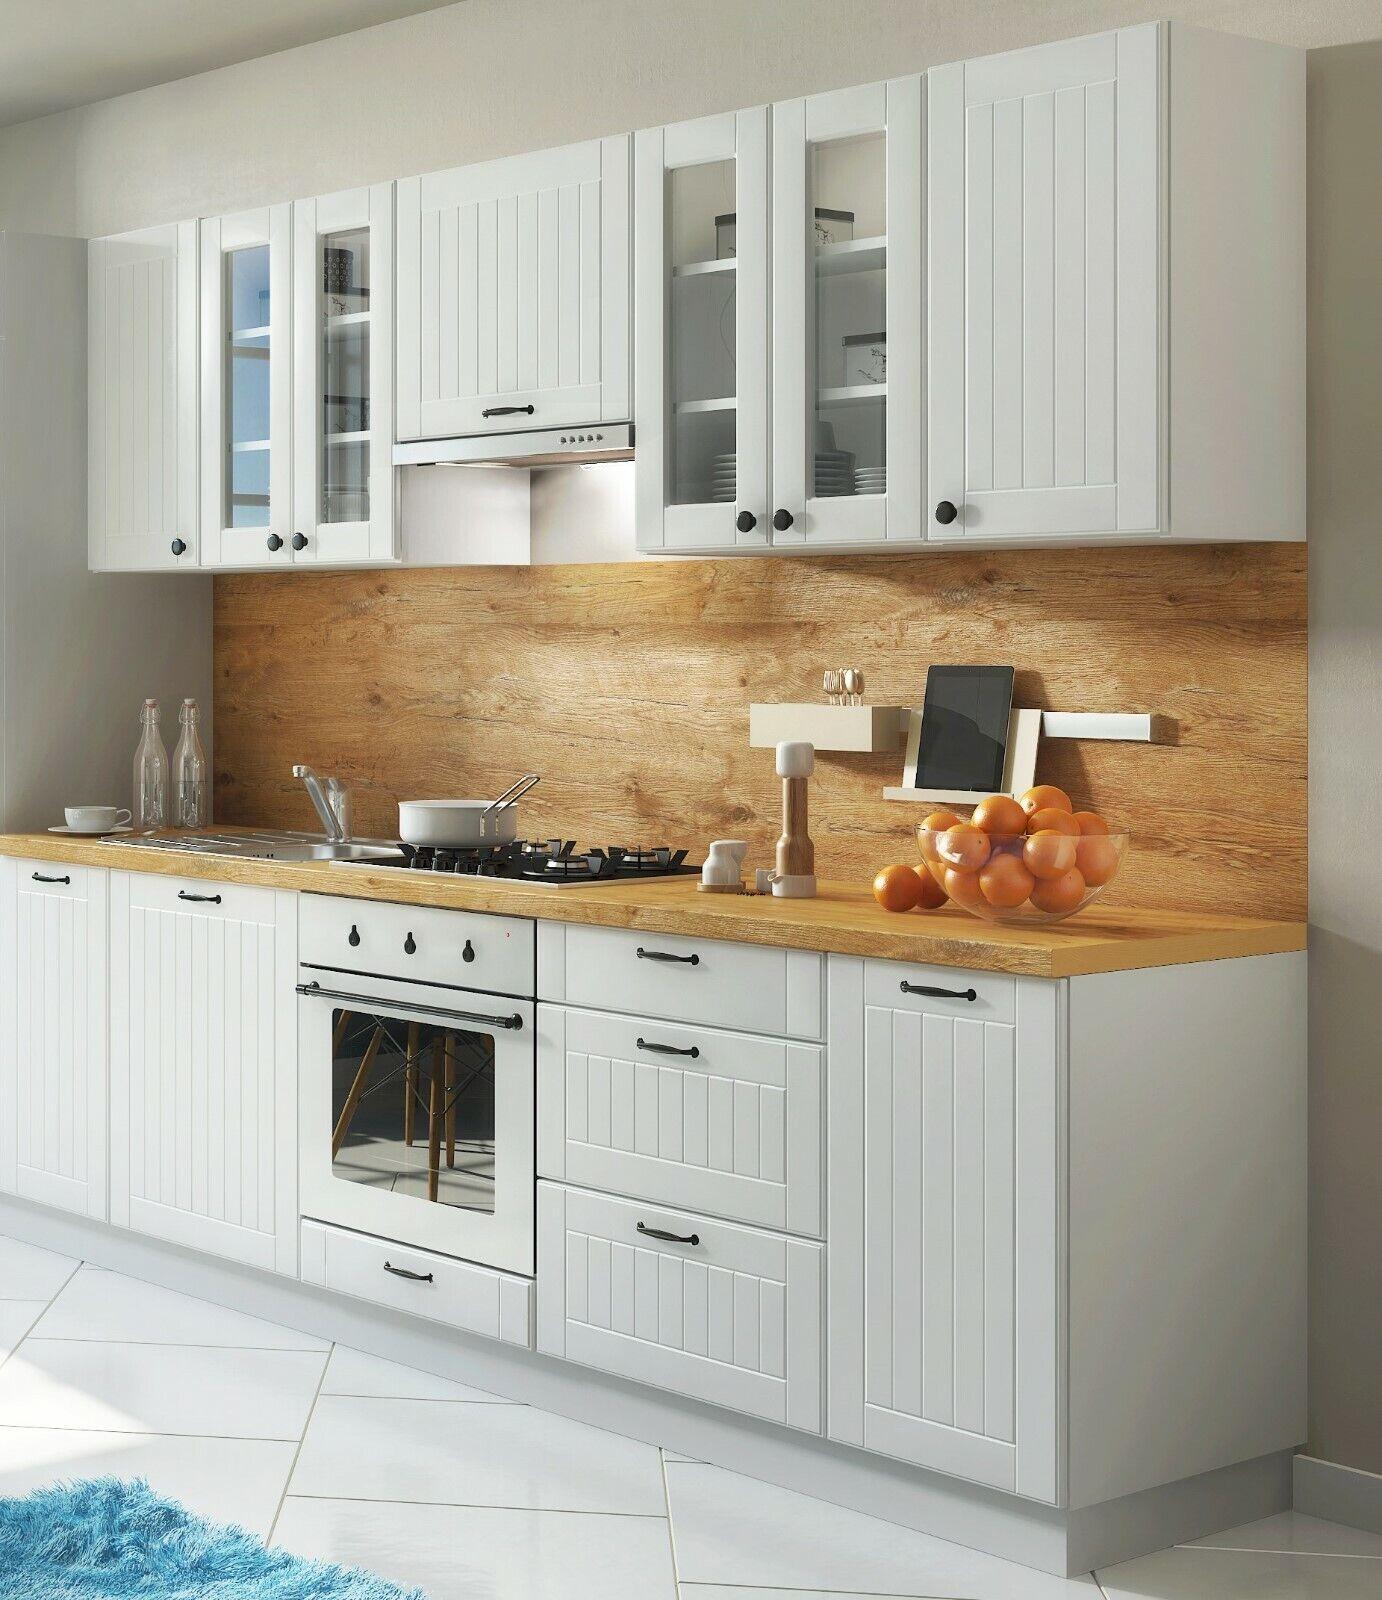 Landhaus Einbauküche LORA Küchenzeile 260 cm im Landhausstil weiß, beige o. grau